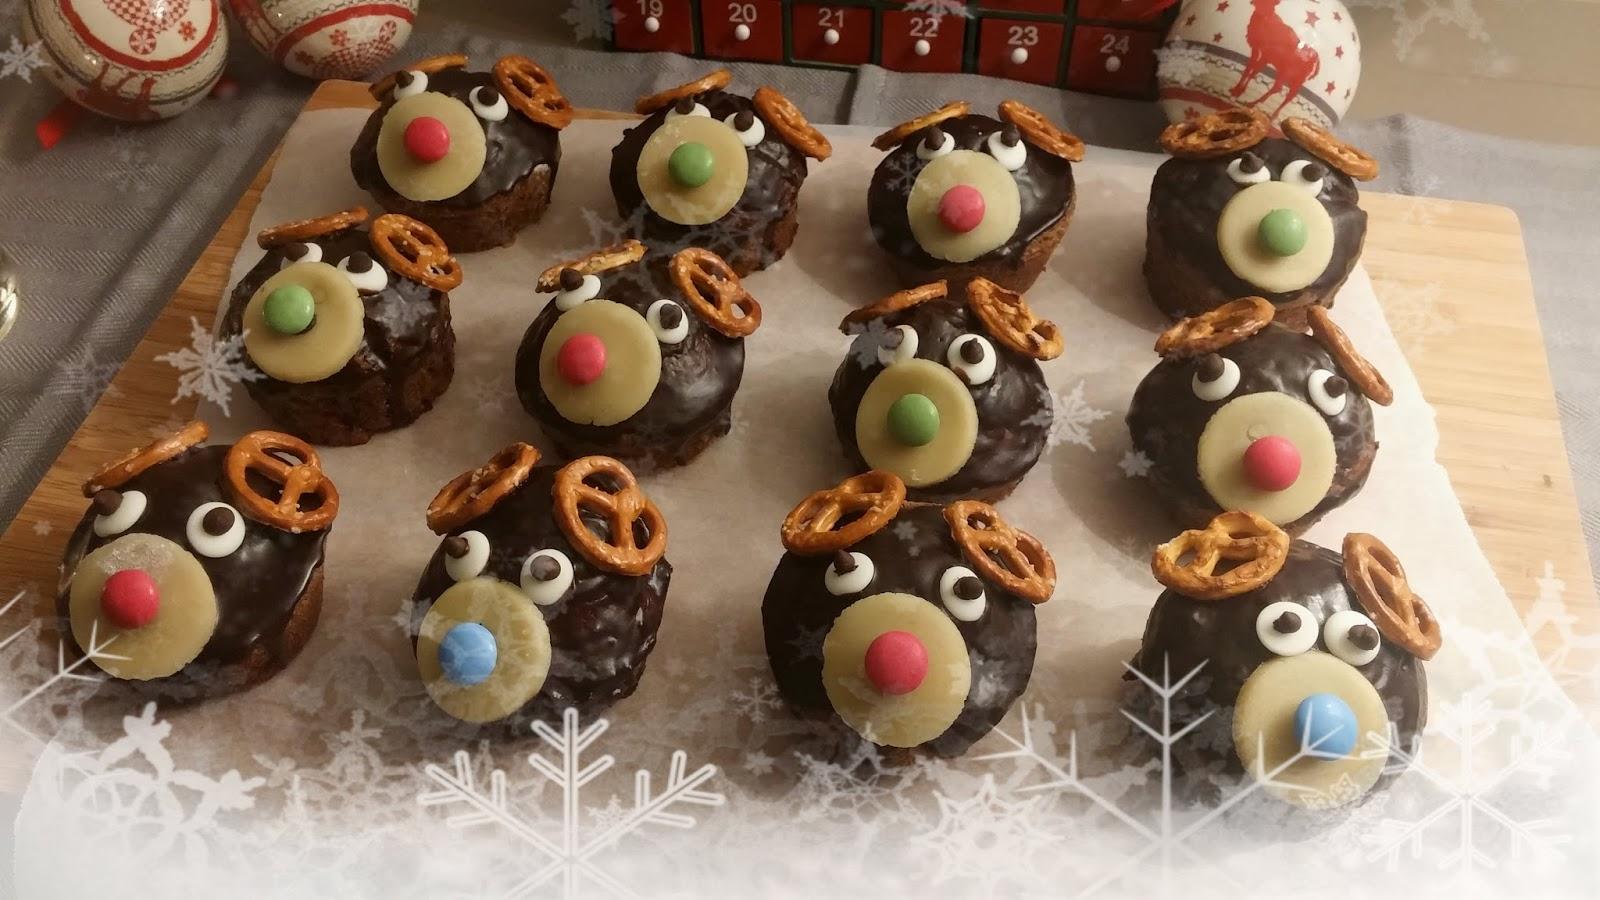 muffins de no l chocolat noisette pour les enfants recette v g talienne la f e st phanie. Black Bedroom Furniture Sets. Home Design Ideas